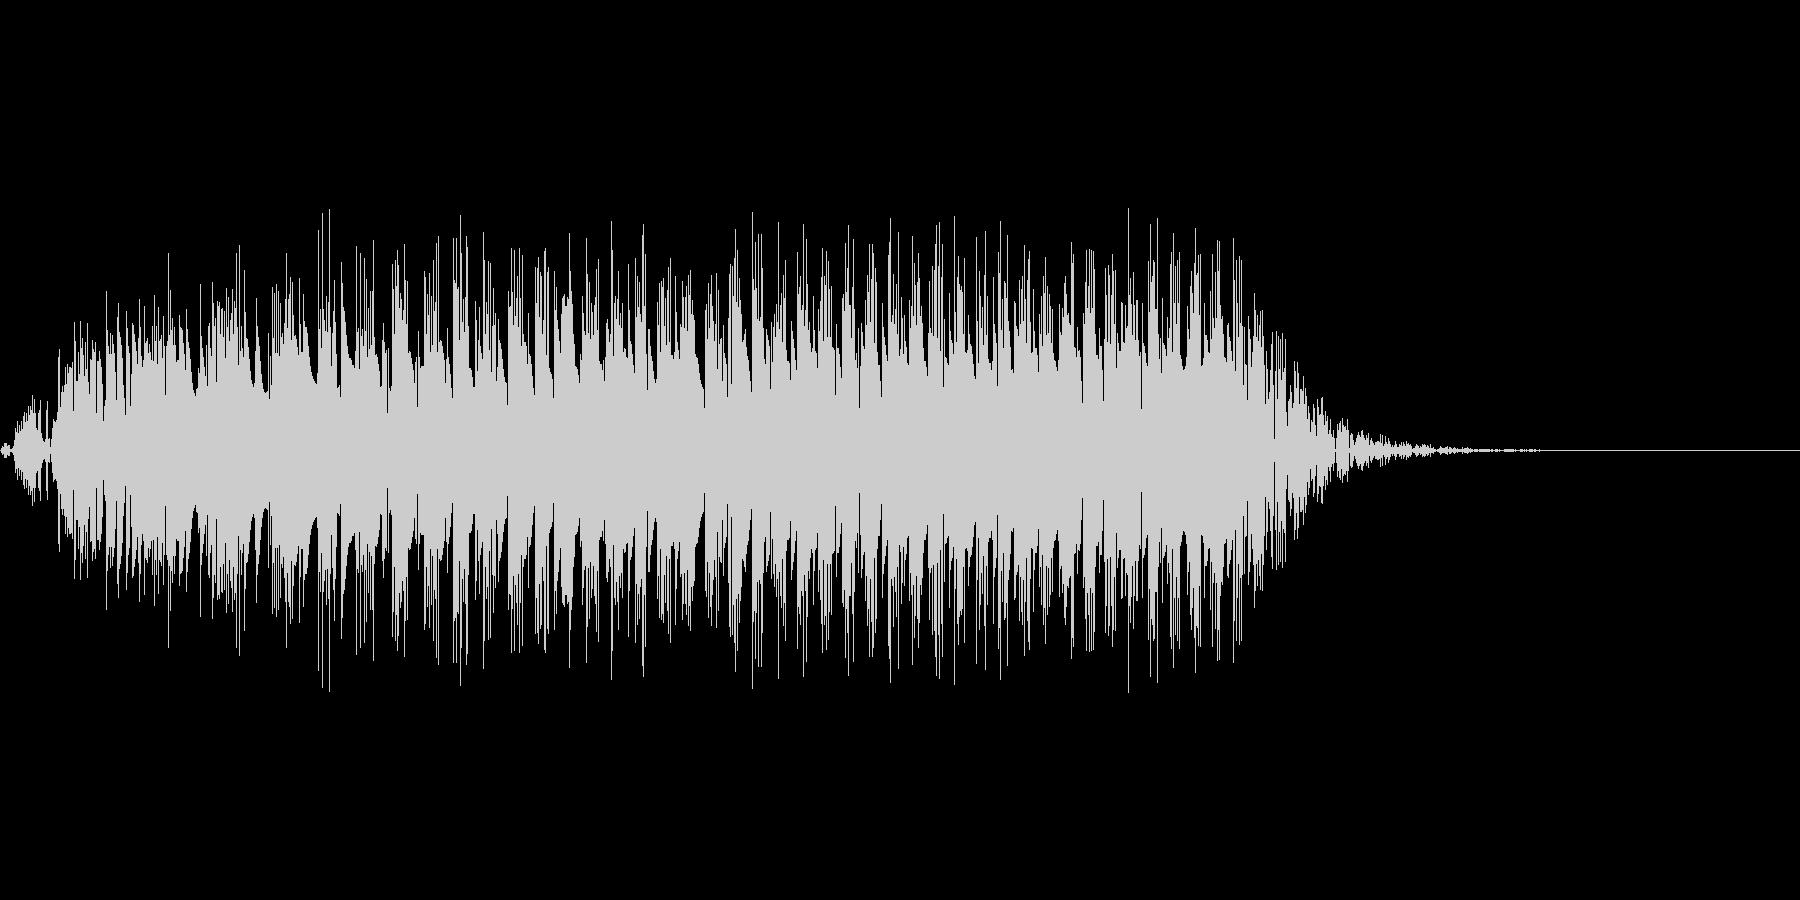 グワァ(8ビット風ガチョウの鳴き声)の未再生の波形